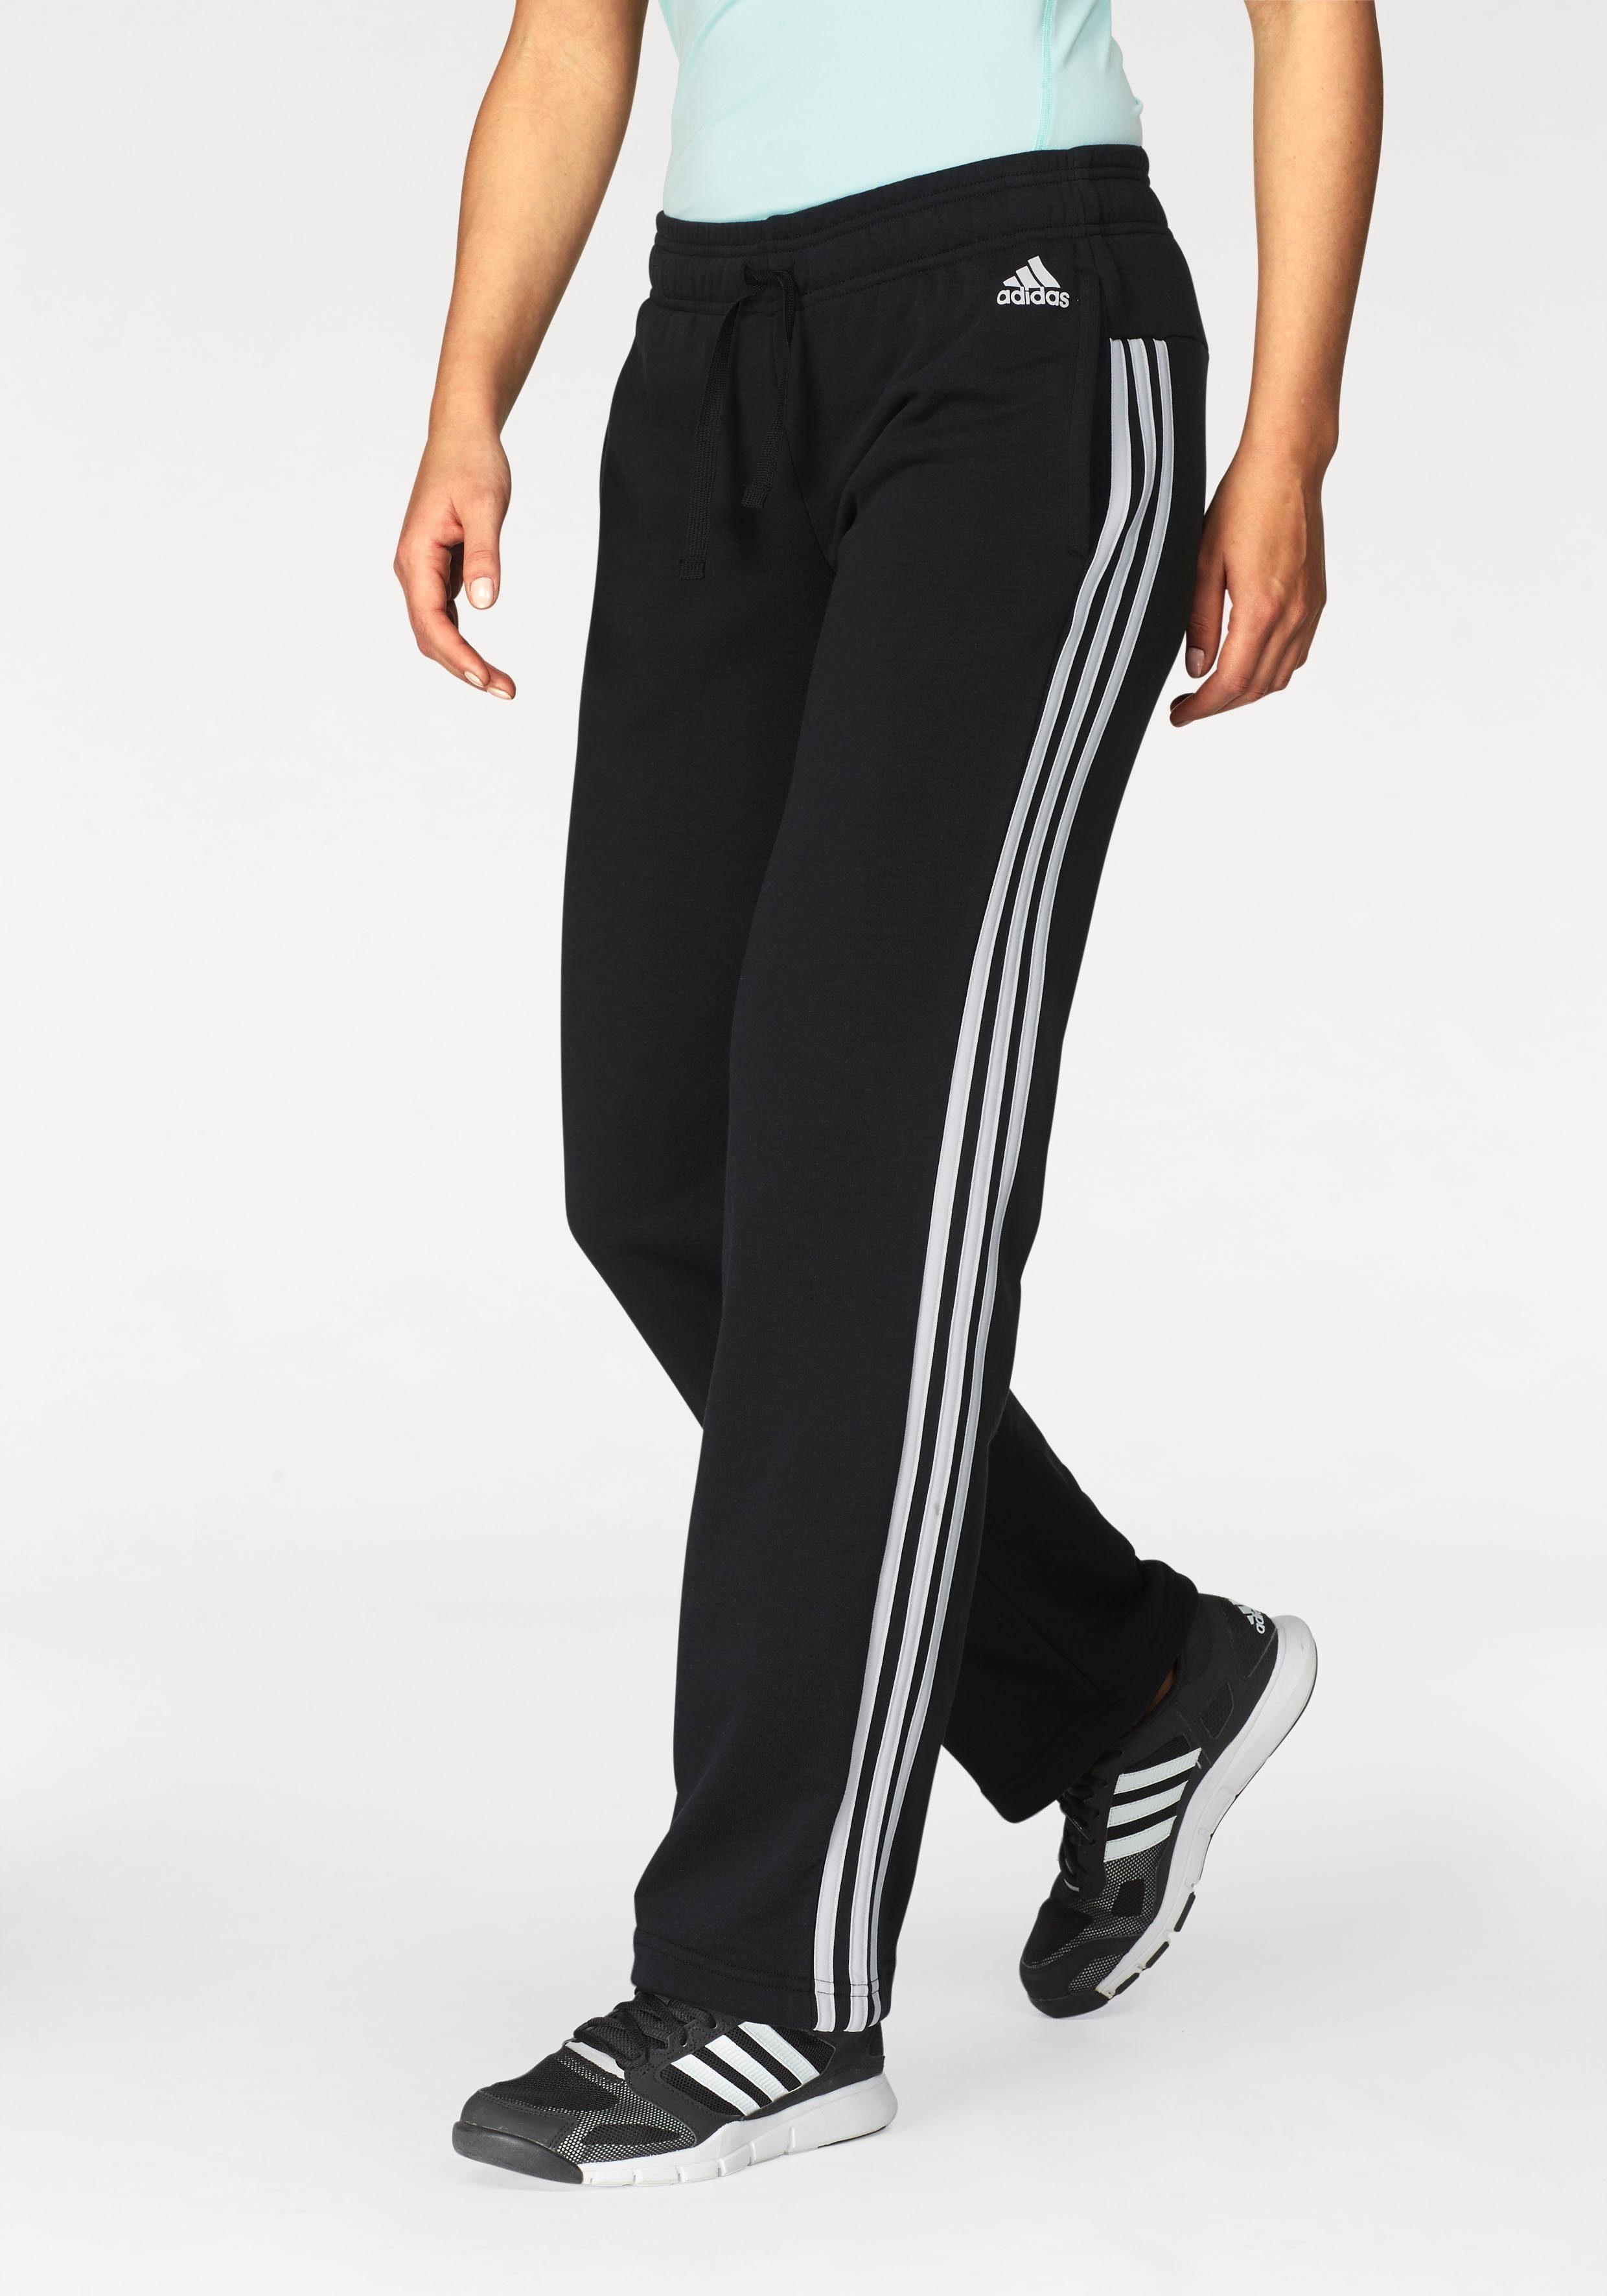 adidas Performance Sweathose »ESSENTIALS 3STRIPES PANT OPEN HEM« auch in großen Größen online kaufen | OTTO